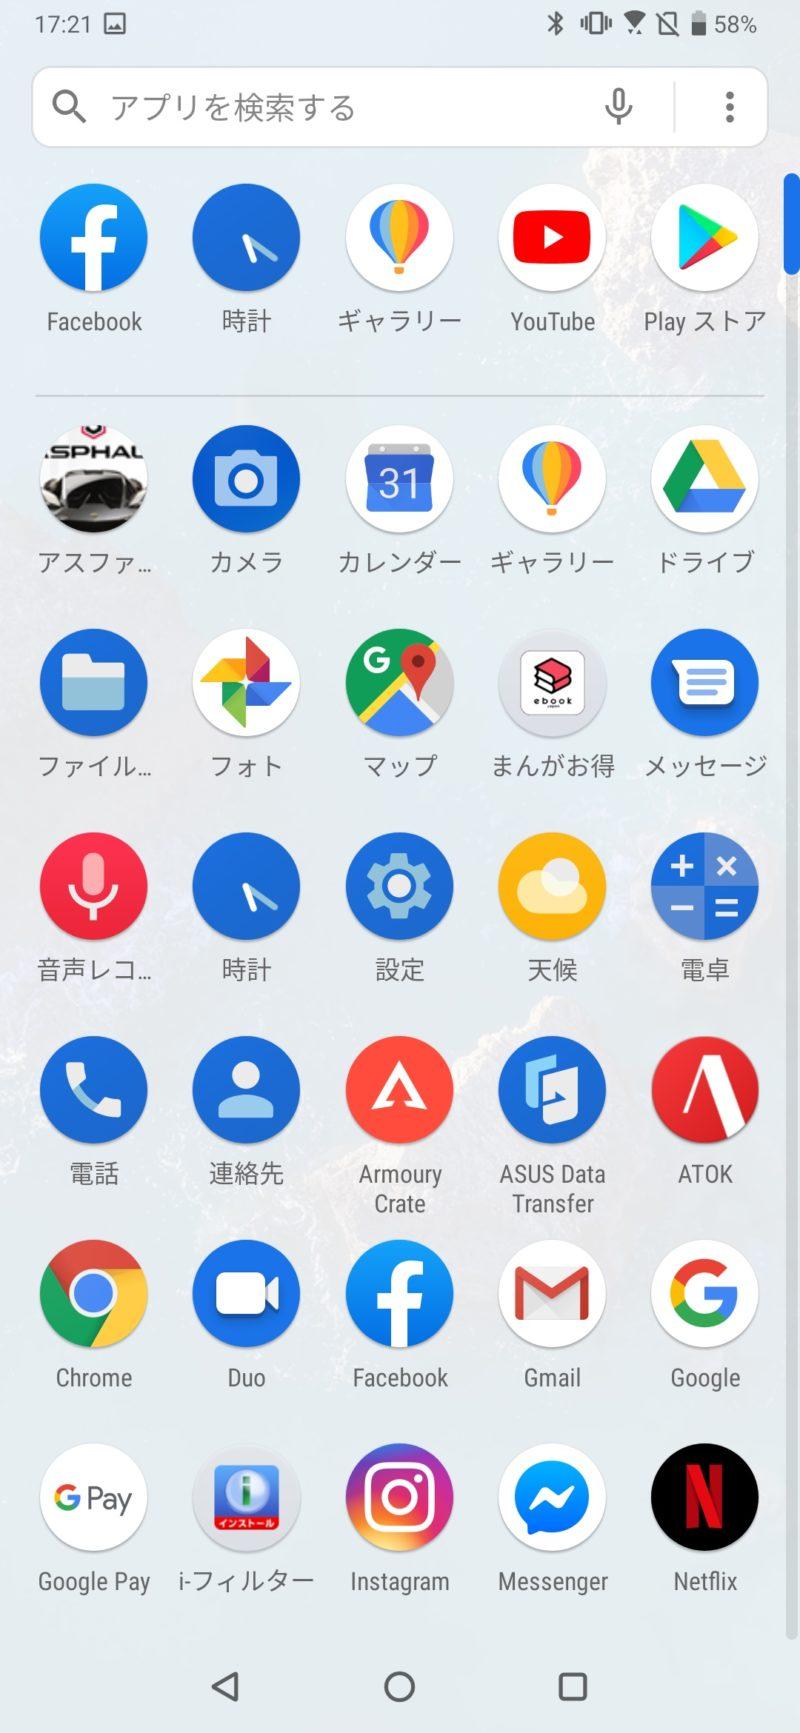 Screenshot 20191113 172132635 800x1733-ASUSの「ROG Phone 2」を実機レビュー。ゲーミングスマホでも普通に使える!